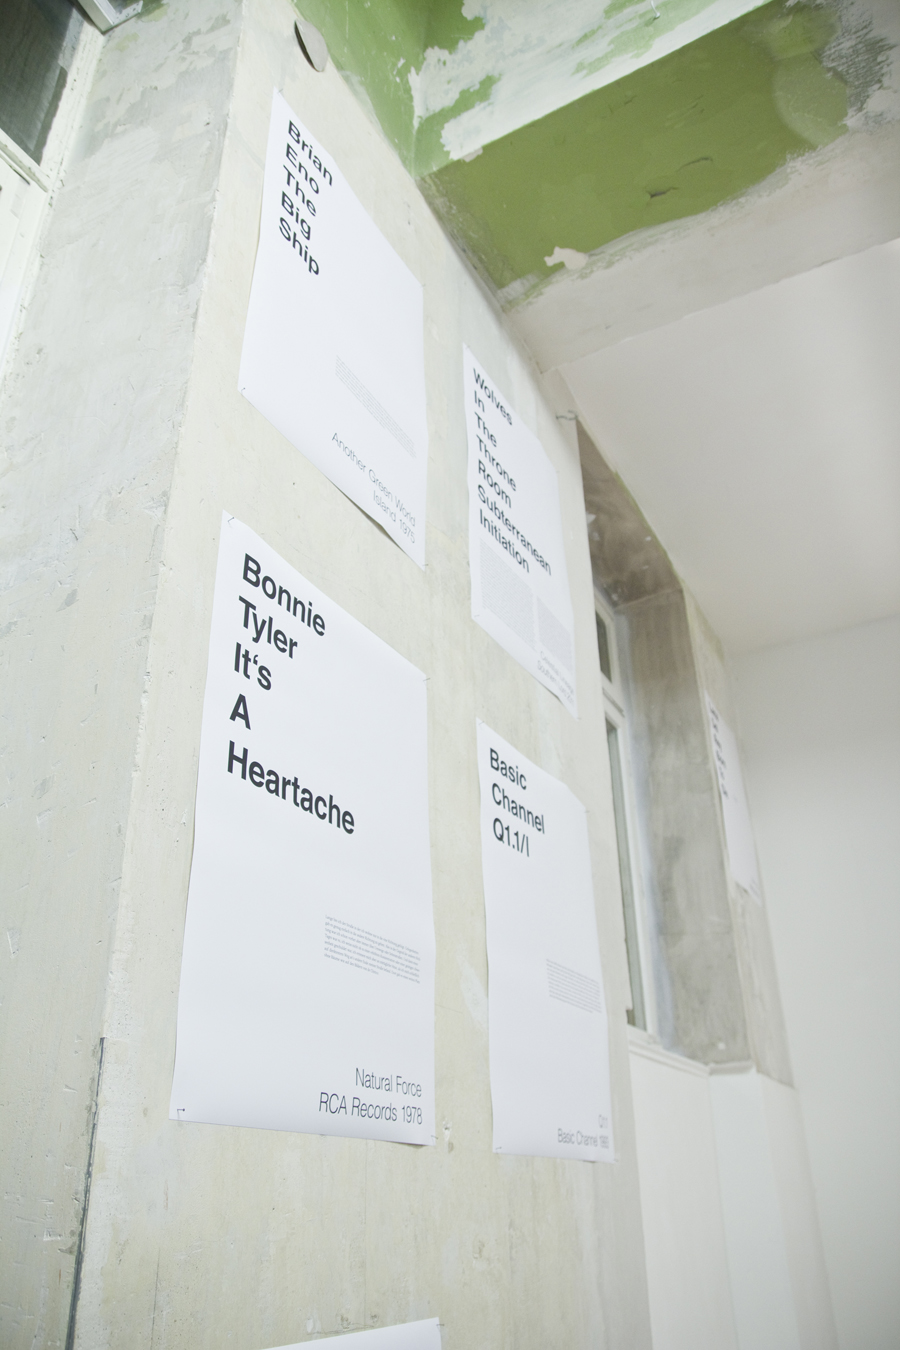 Vorschlag für einen Soundtrack zur Ausstellung, Max Grau